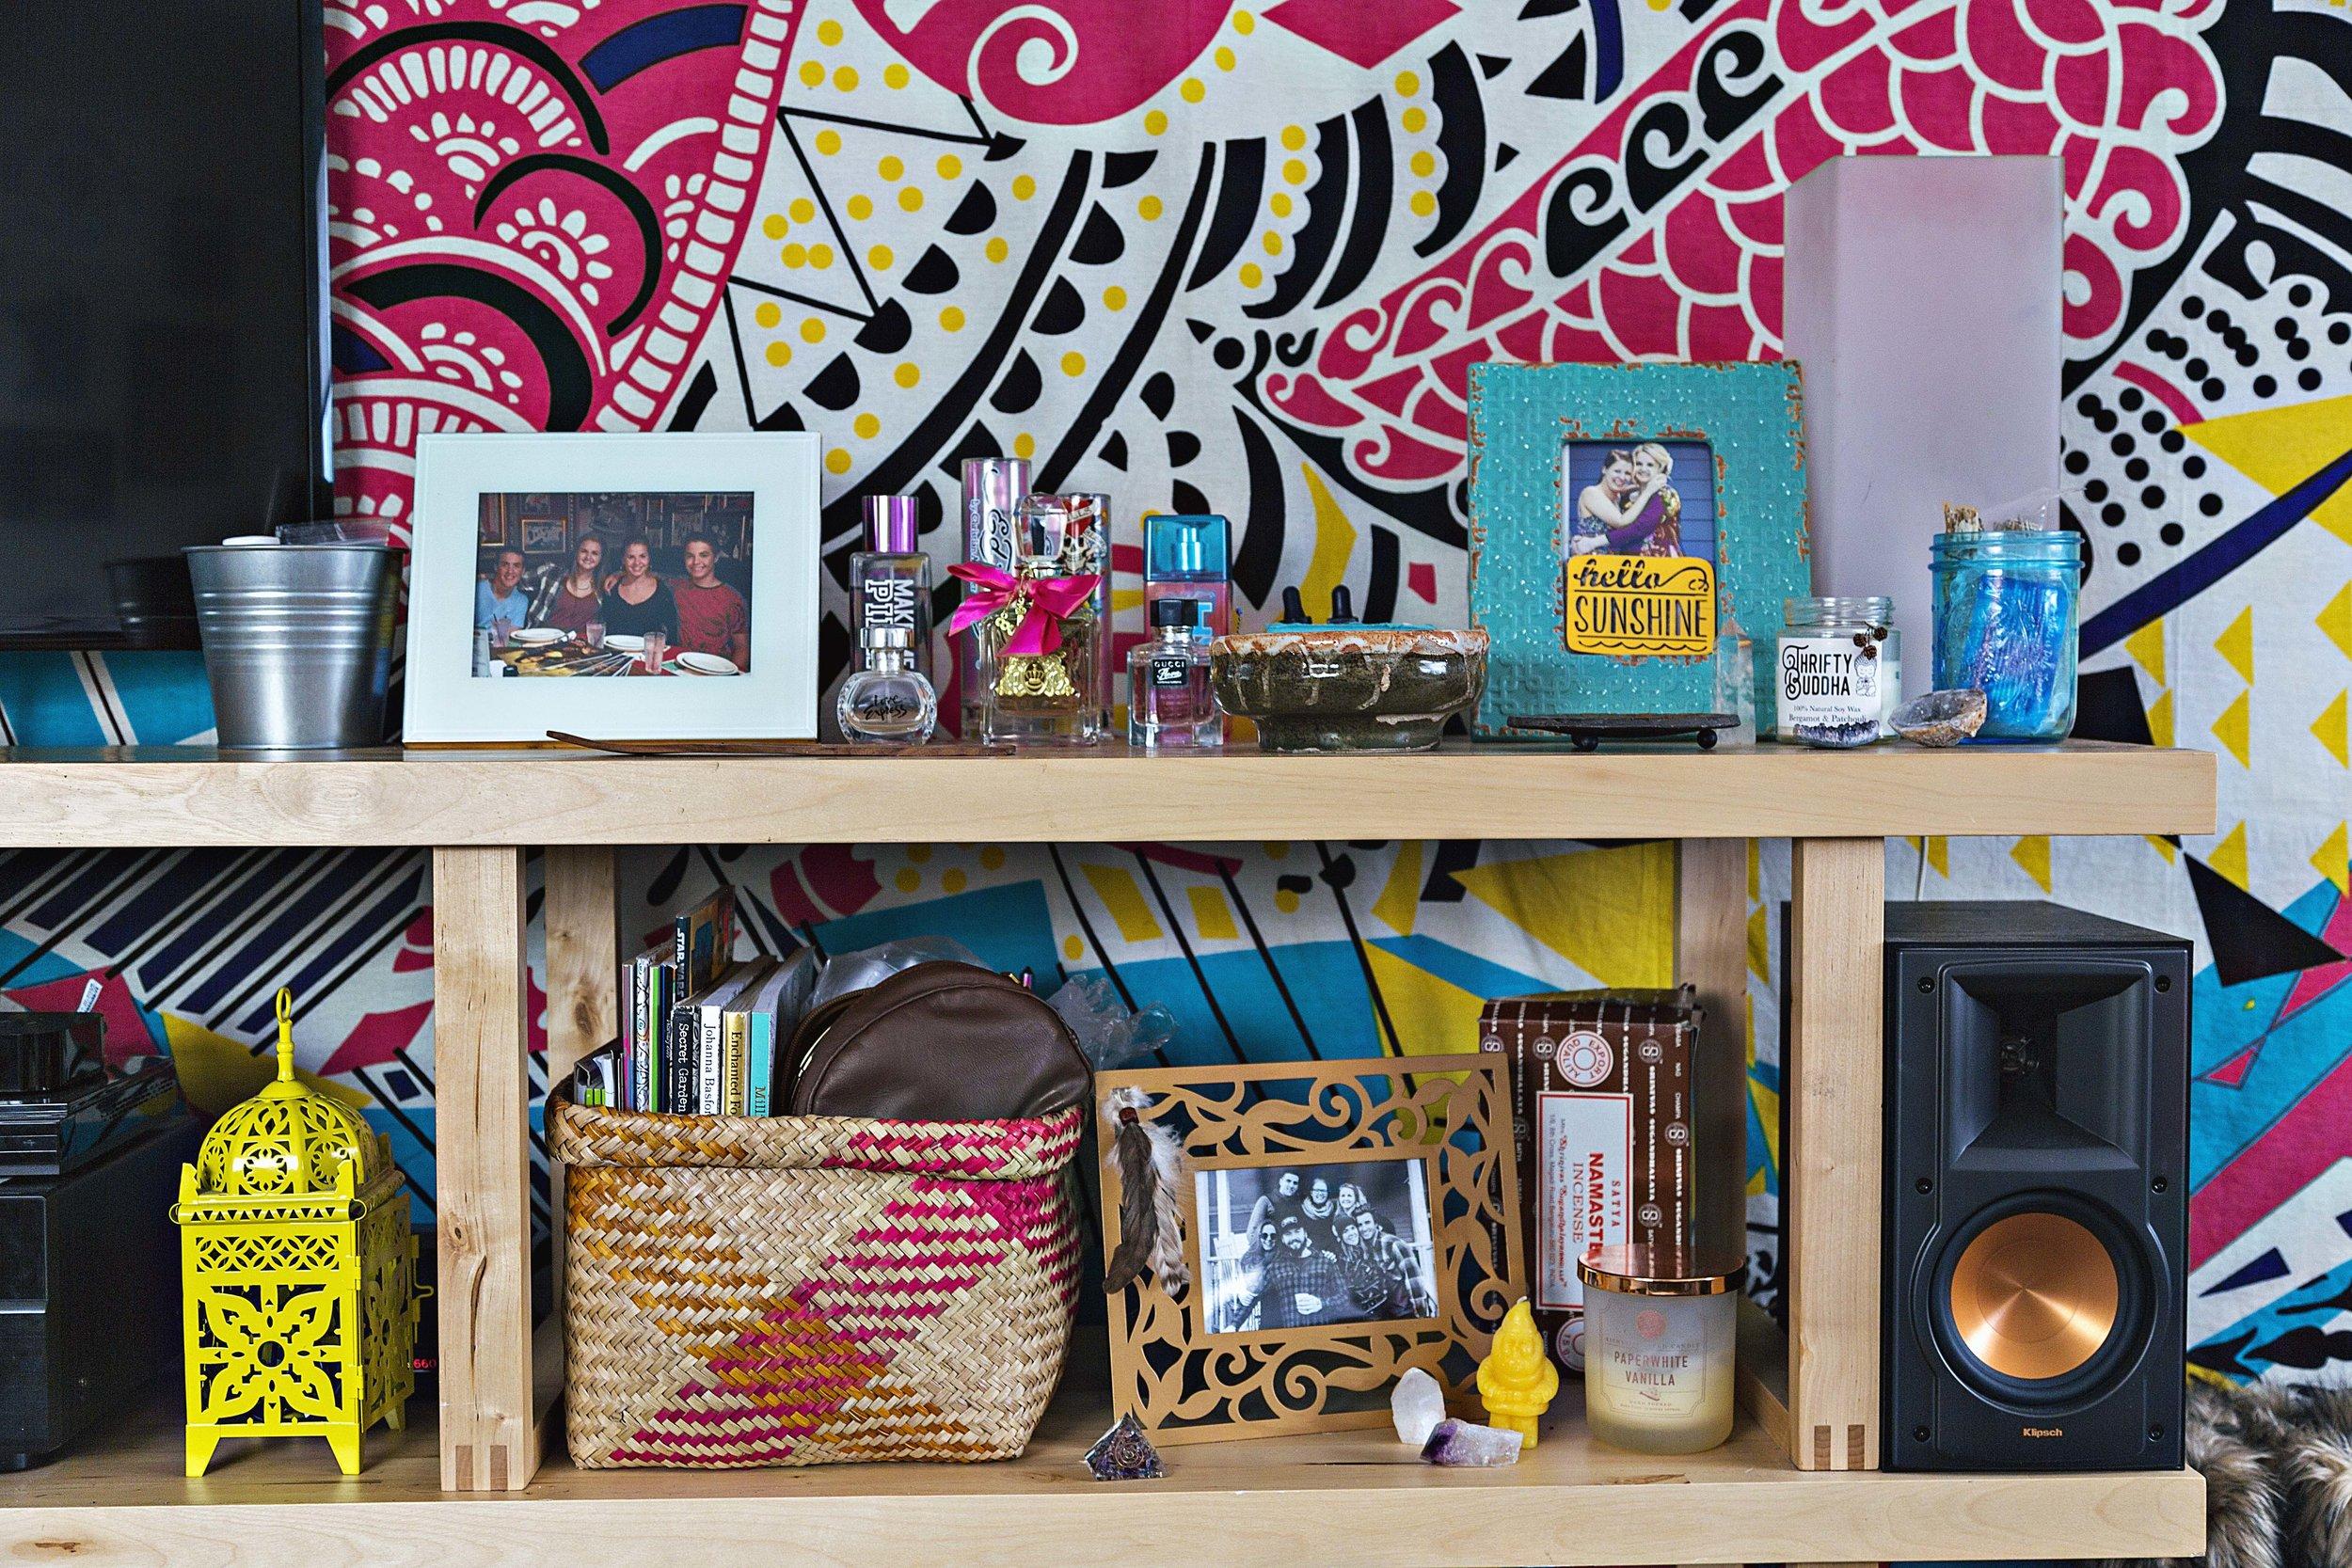 BedroomTour-TinaFloersch-02.jpg